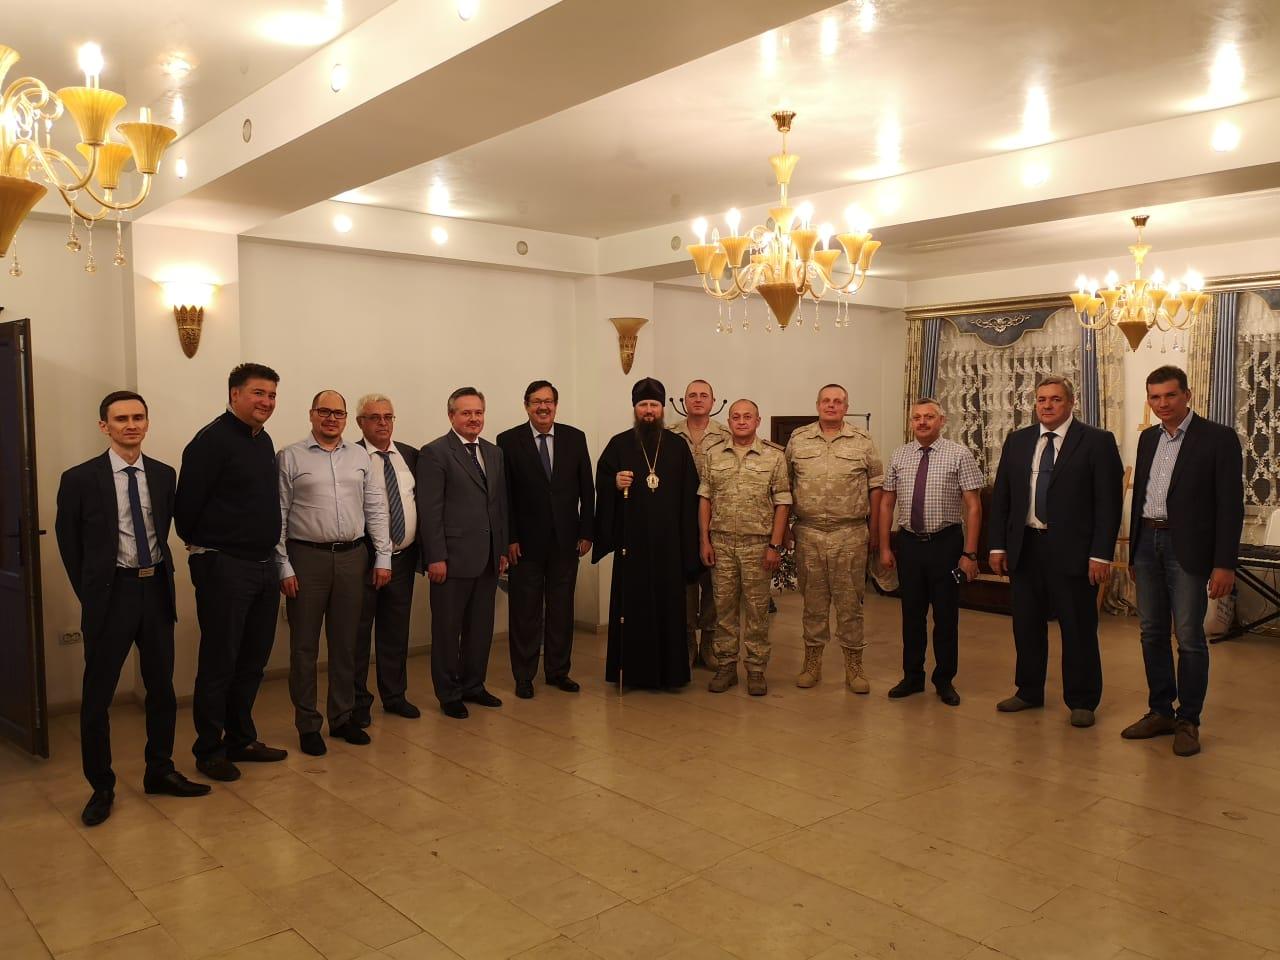 Епископ Душанбинский и Таджикистанский Павел провел встречу с руководителями российских организаций в Таджикистане